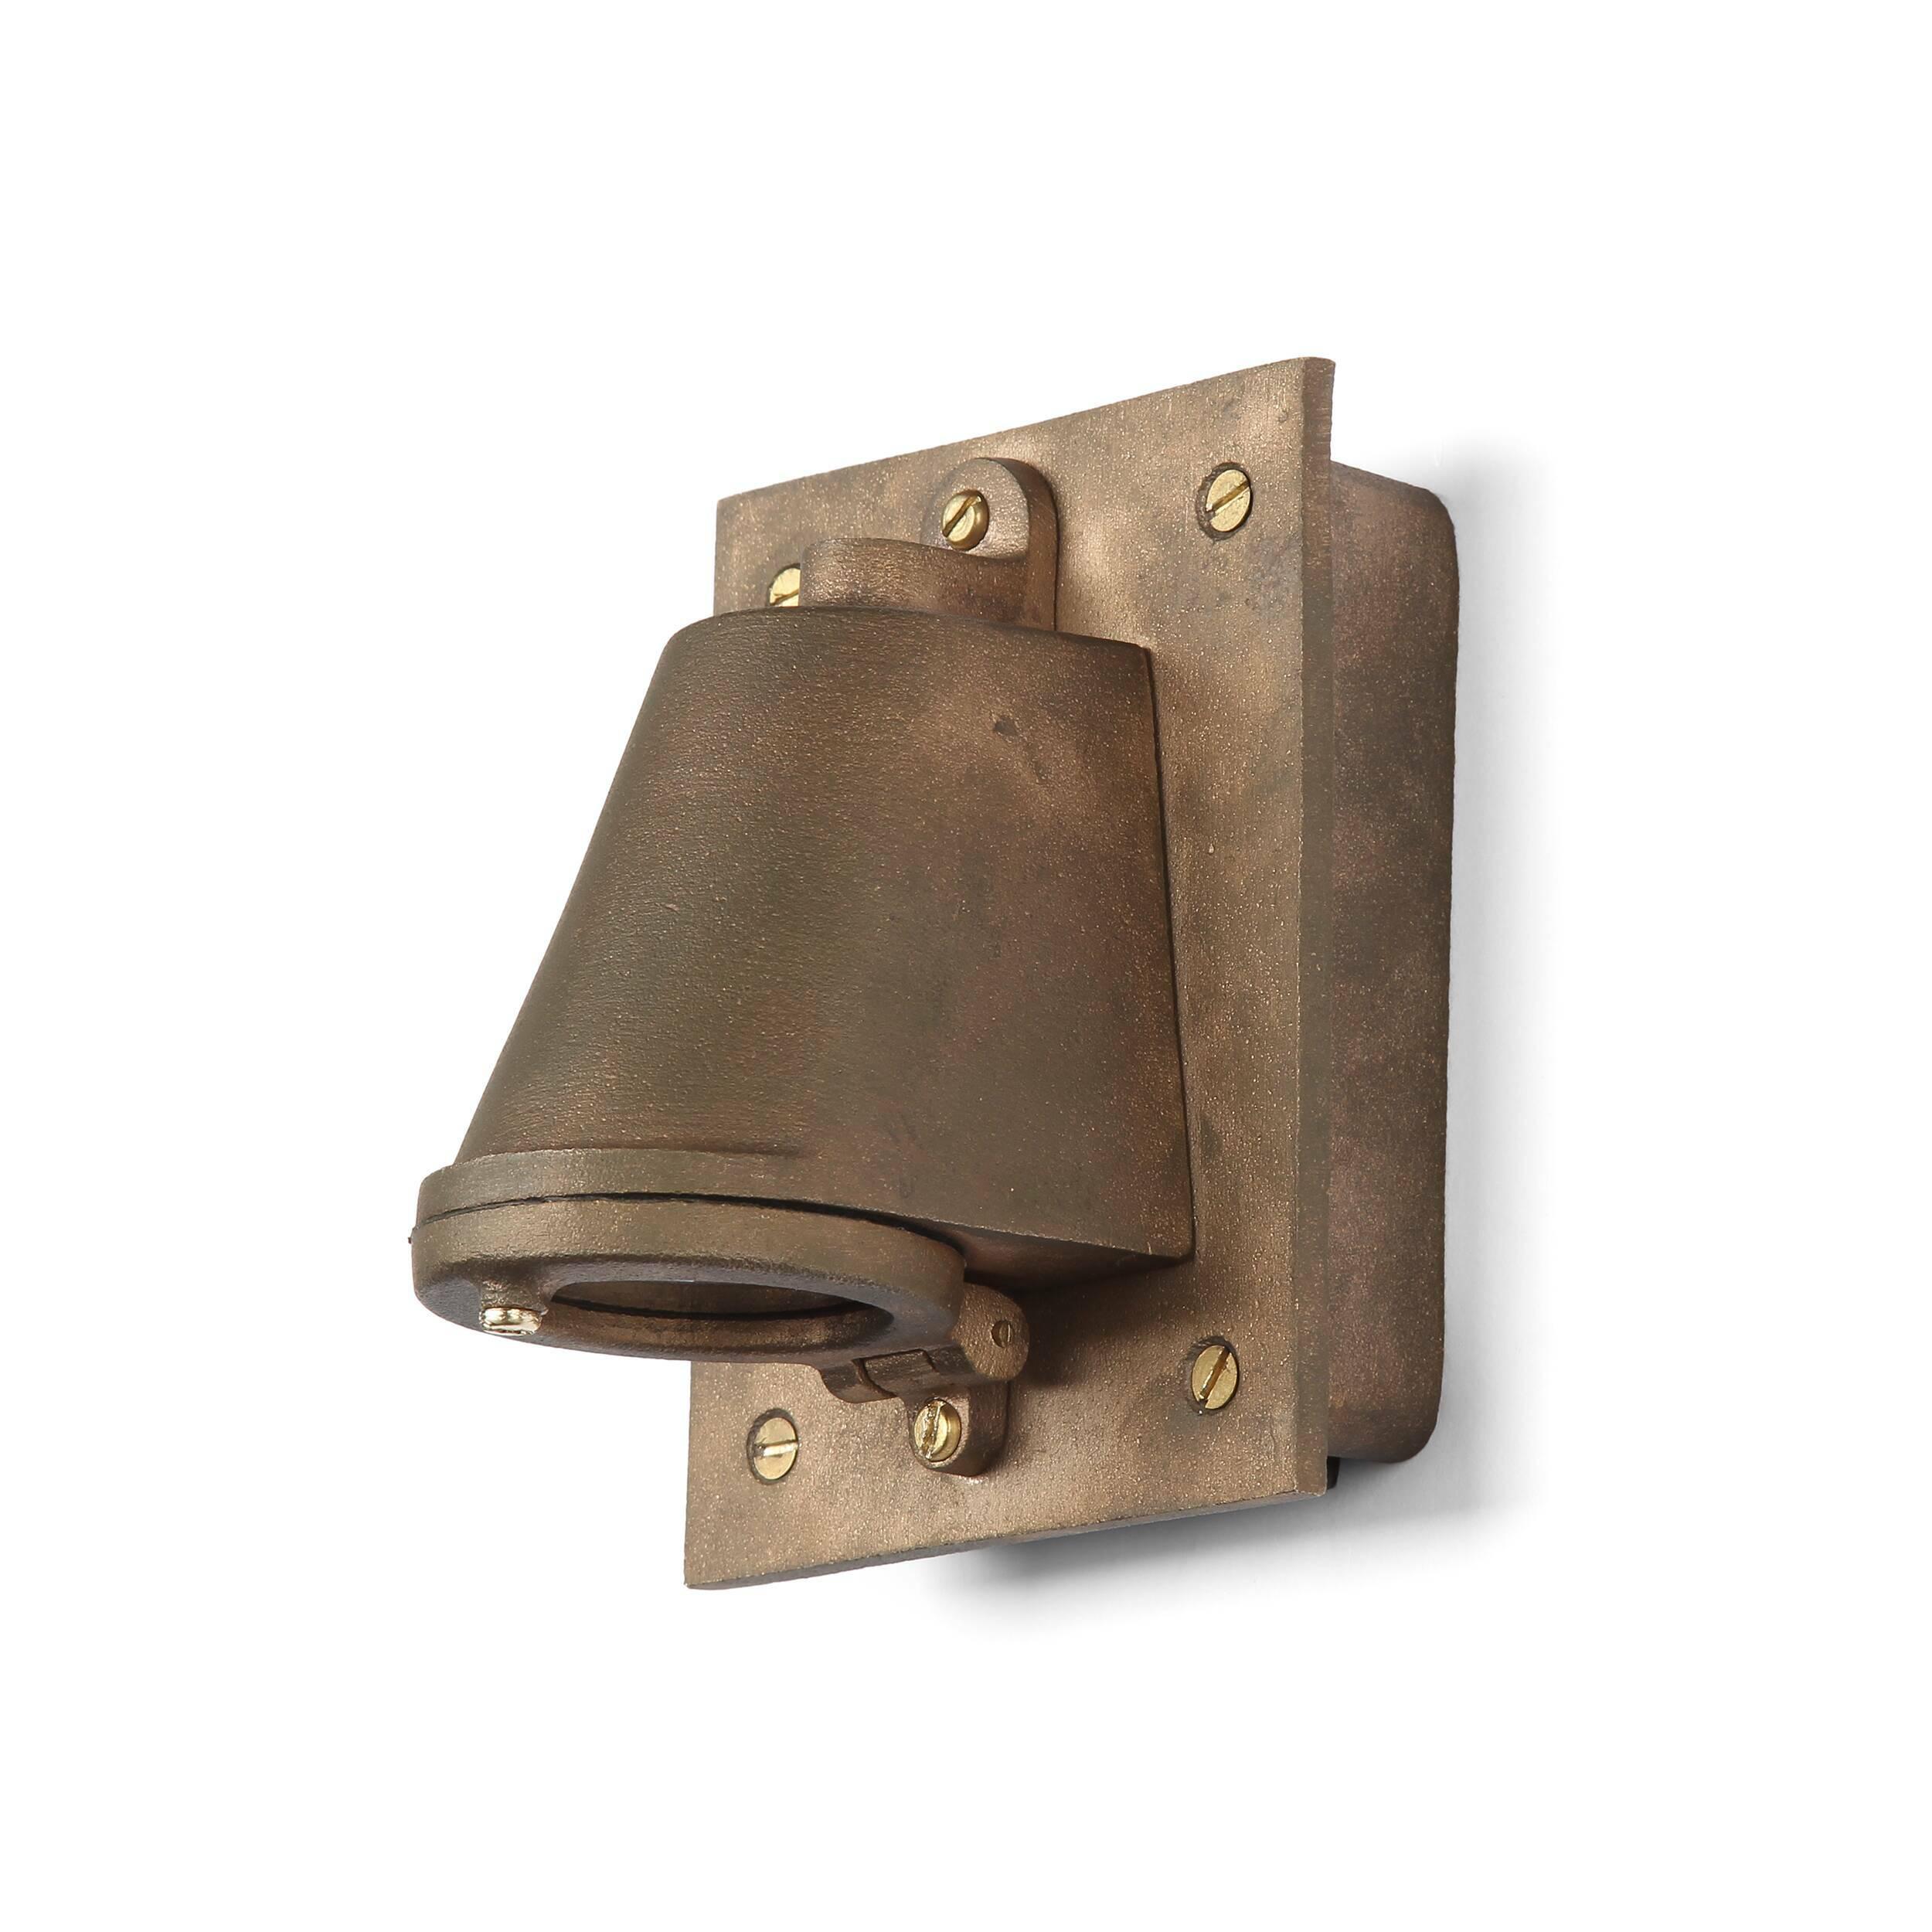 Настенный светильник Mast Light Transformer BoxНастенные<br>Настенный светильник Mast Light Transformer Box — это приглашение в историю лондонских морских верфей XIX века. Этот настенный светильник сочетает в себе уникальные формы, аутентичный стиль, индустриальный дизайн, высокое качество материалов, традиции мастеров прошлых веков и особое внимание не только к декоративным, но и к практическим свойствам изделий.<br><br><br><br><br><br> Лаконичный дизайн и выбор материалов (латунь, медь, алюминий, чугун) делают настенный светильник Mast Light Transformer B...<br><br>stock: 0<br>Высота: 14,5<br>Ширина: 11,5<br>Материал арматуры: Металл<br>Цвет арматуры: Бронза матовая